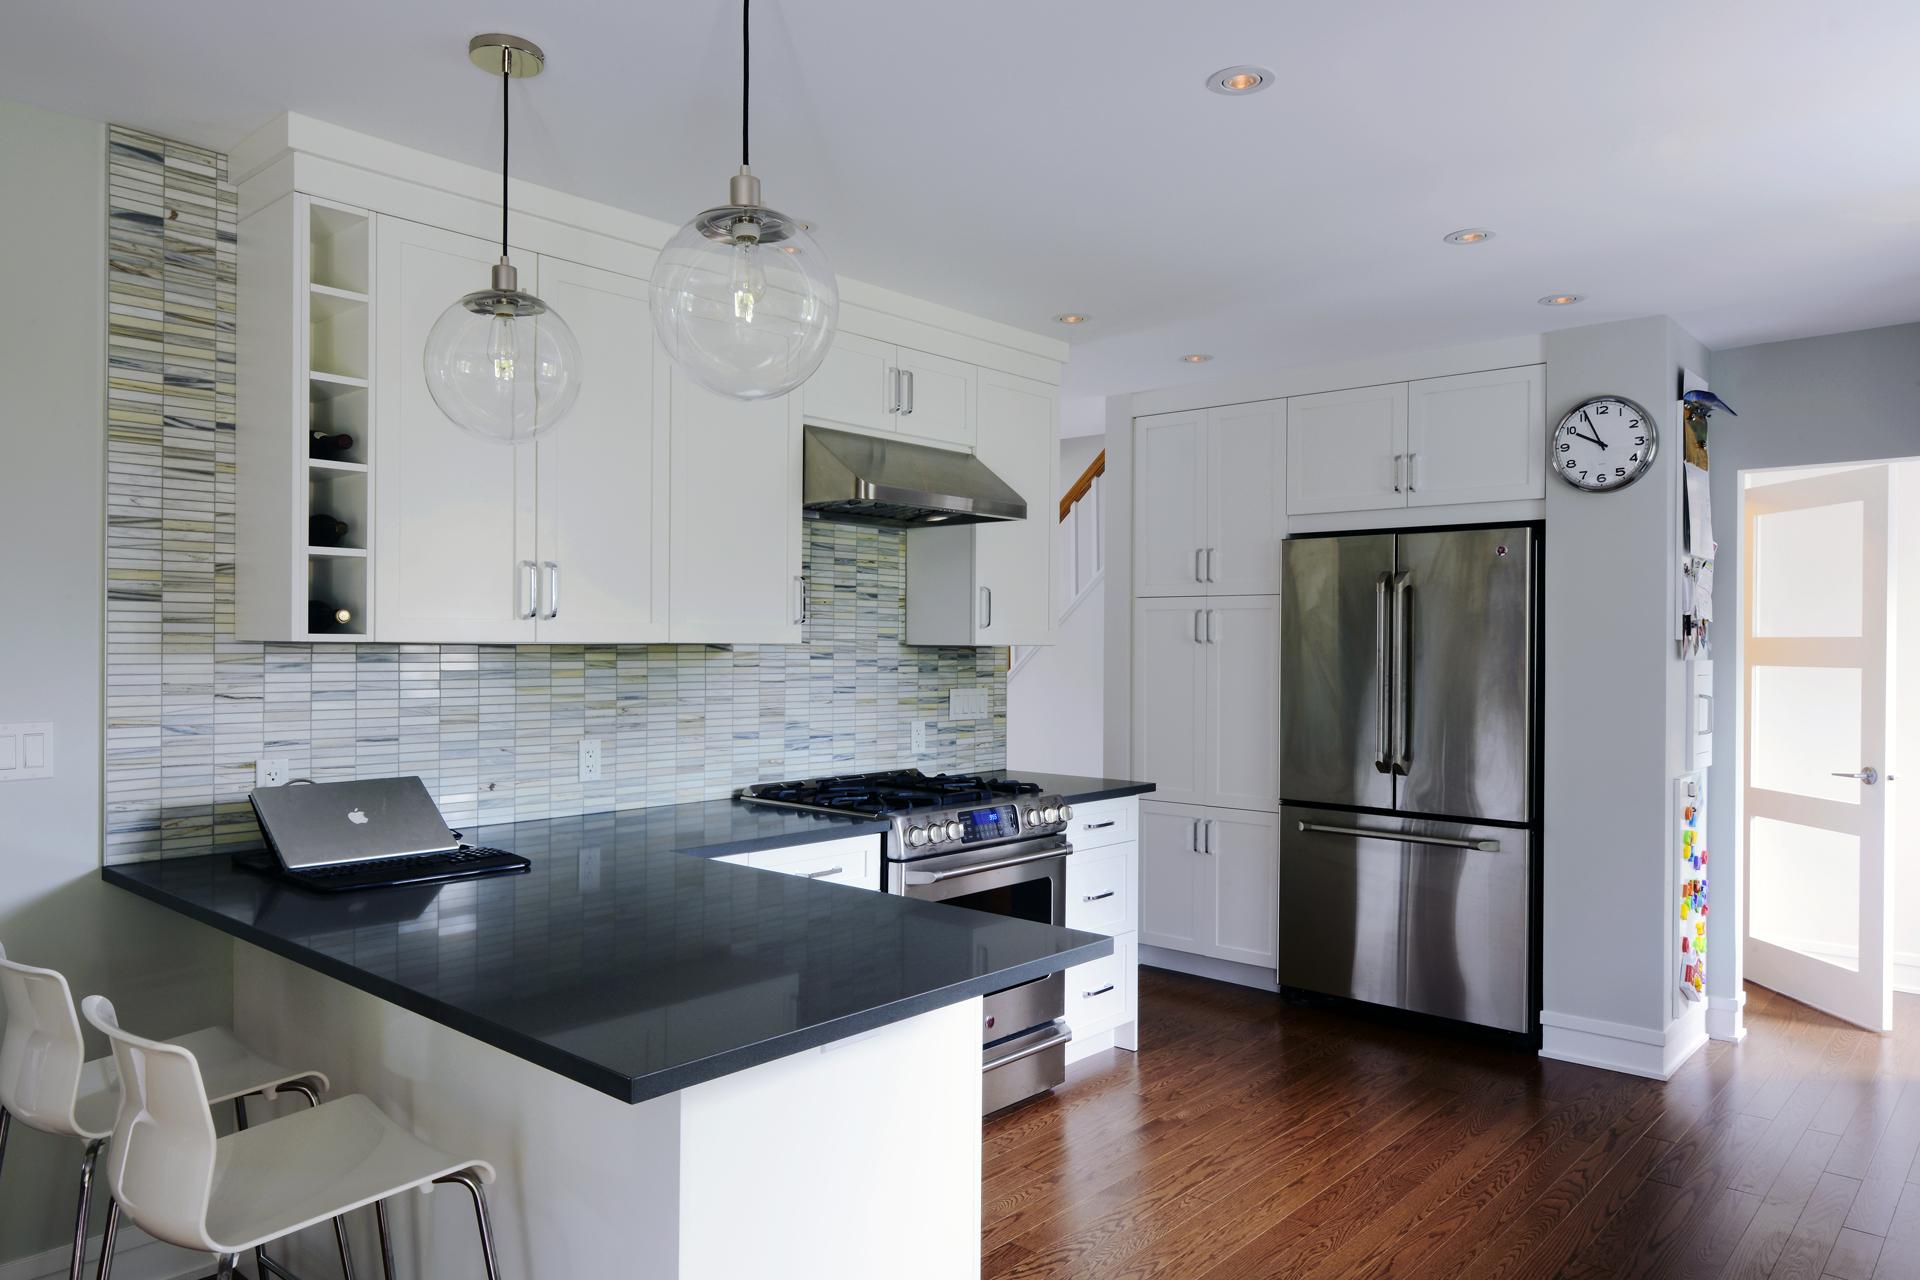 McGhee kitchen 2.jpg